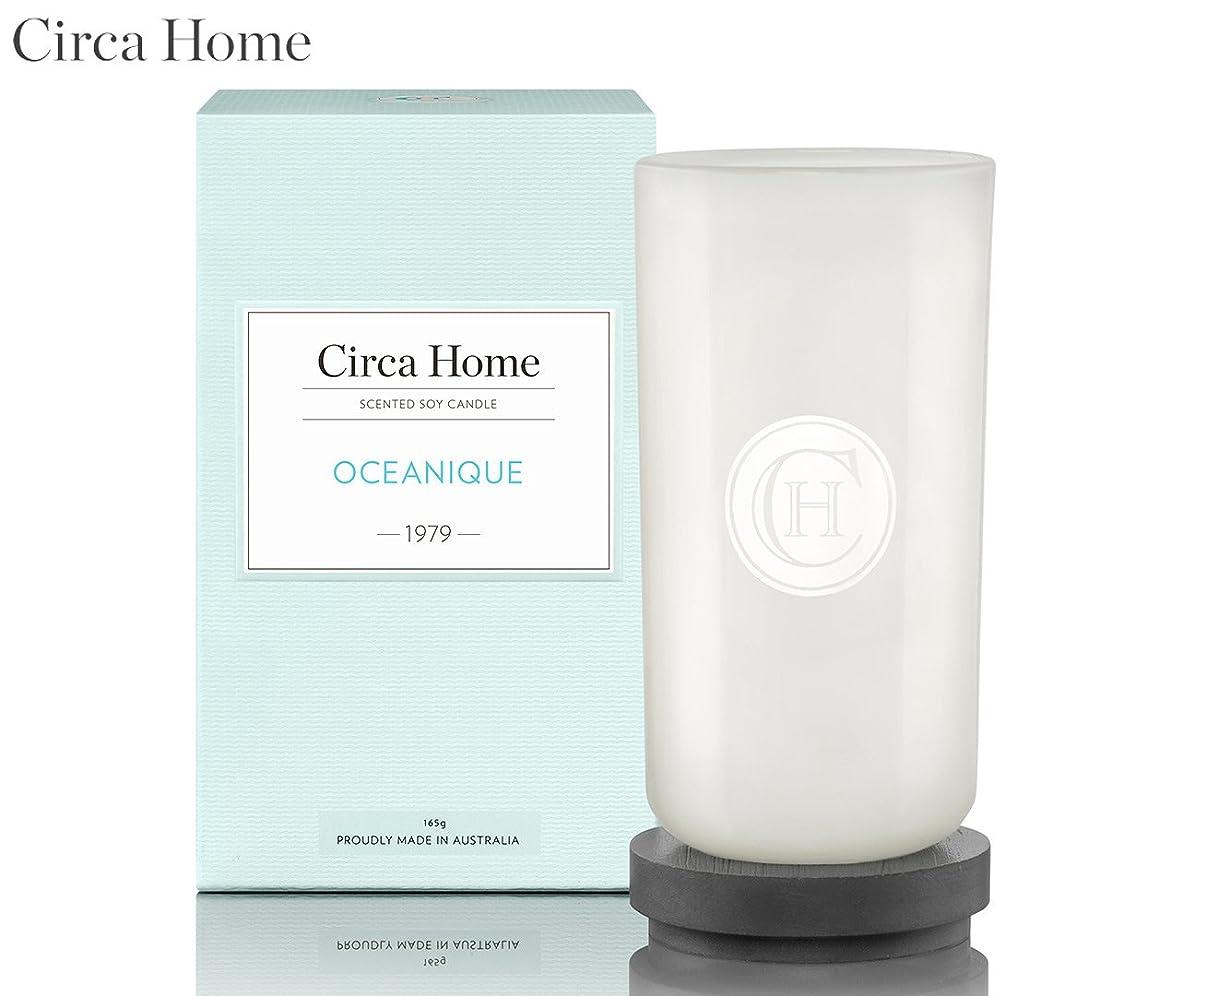 融合舌な愛人Circa Home キャンドル(165g) 1979 OCEANIQUE